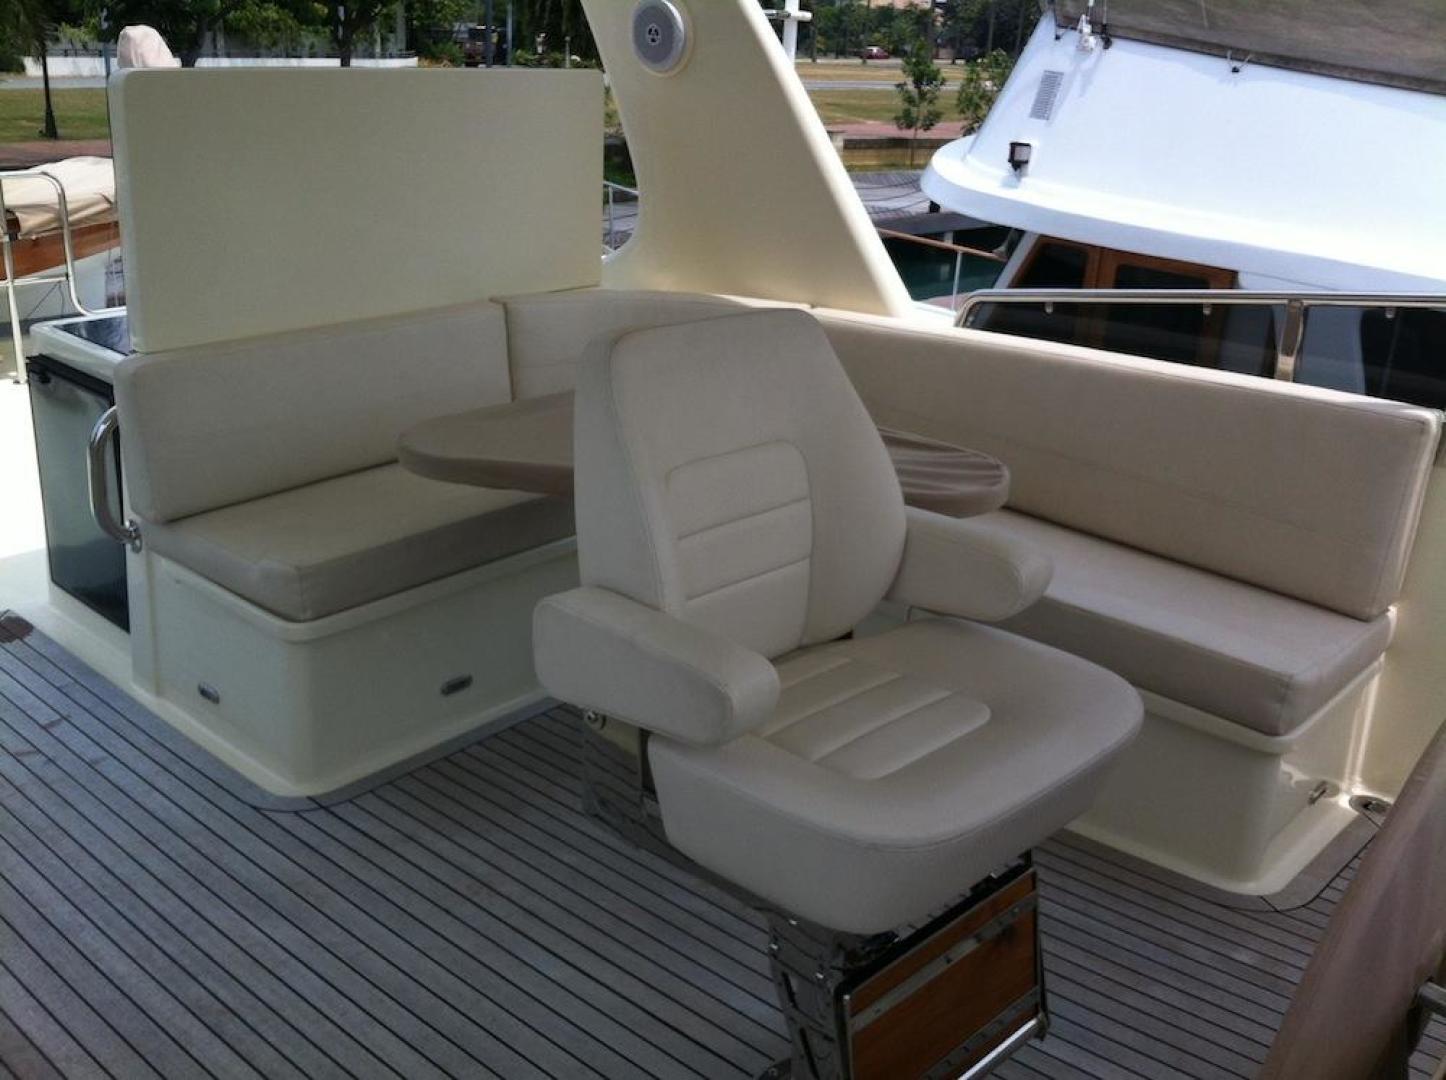 Clipper Motor Yachts-Cordova 52 2011 -Unknown-Singapore-Clipper Motor Yachts Cordova 52-385791 | Thumbnail